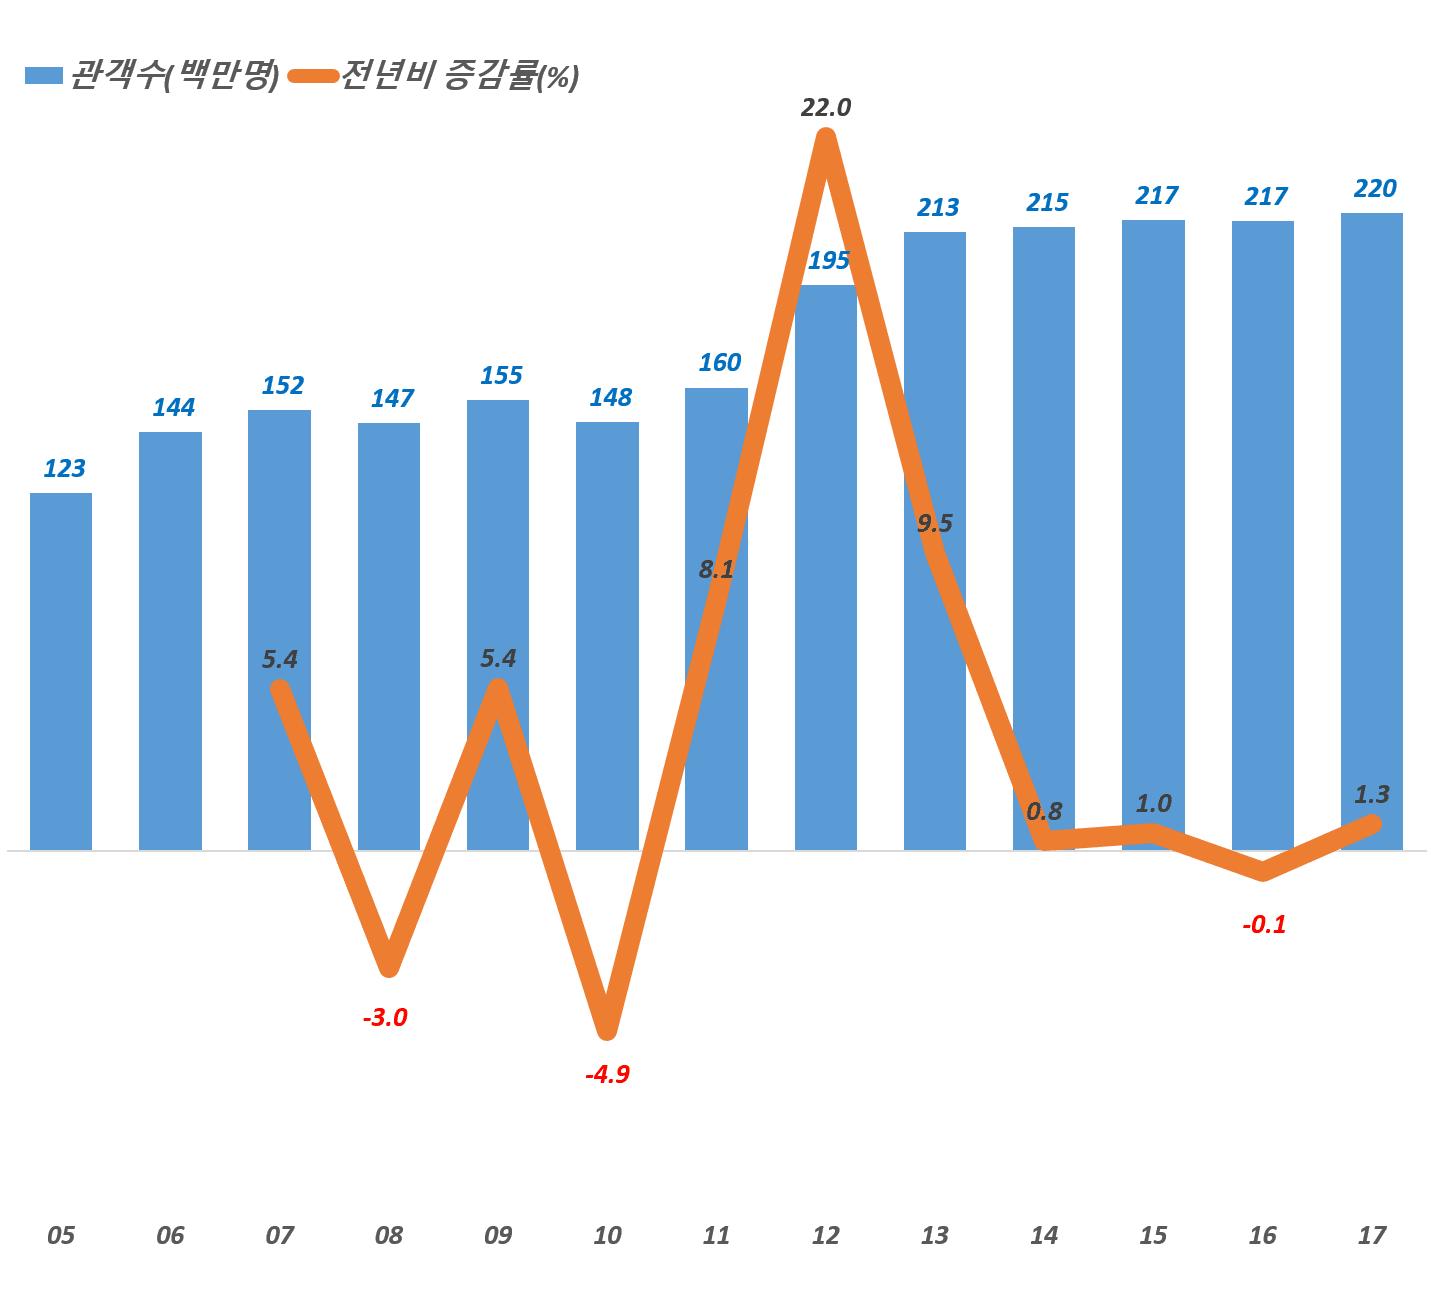 한국 연도별 영화 관람객 증가 추이, 영화진흥원 통합전산망통게 기존 그래프 by Happist